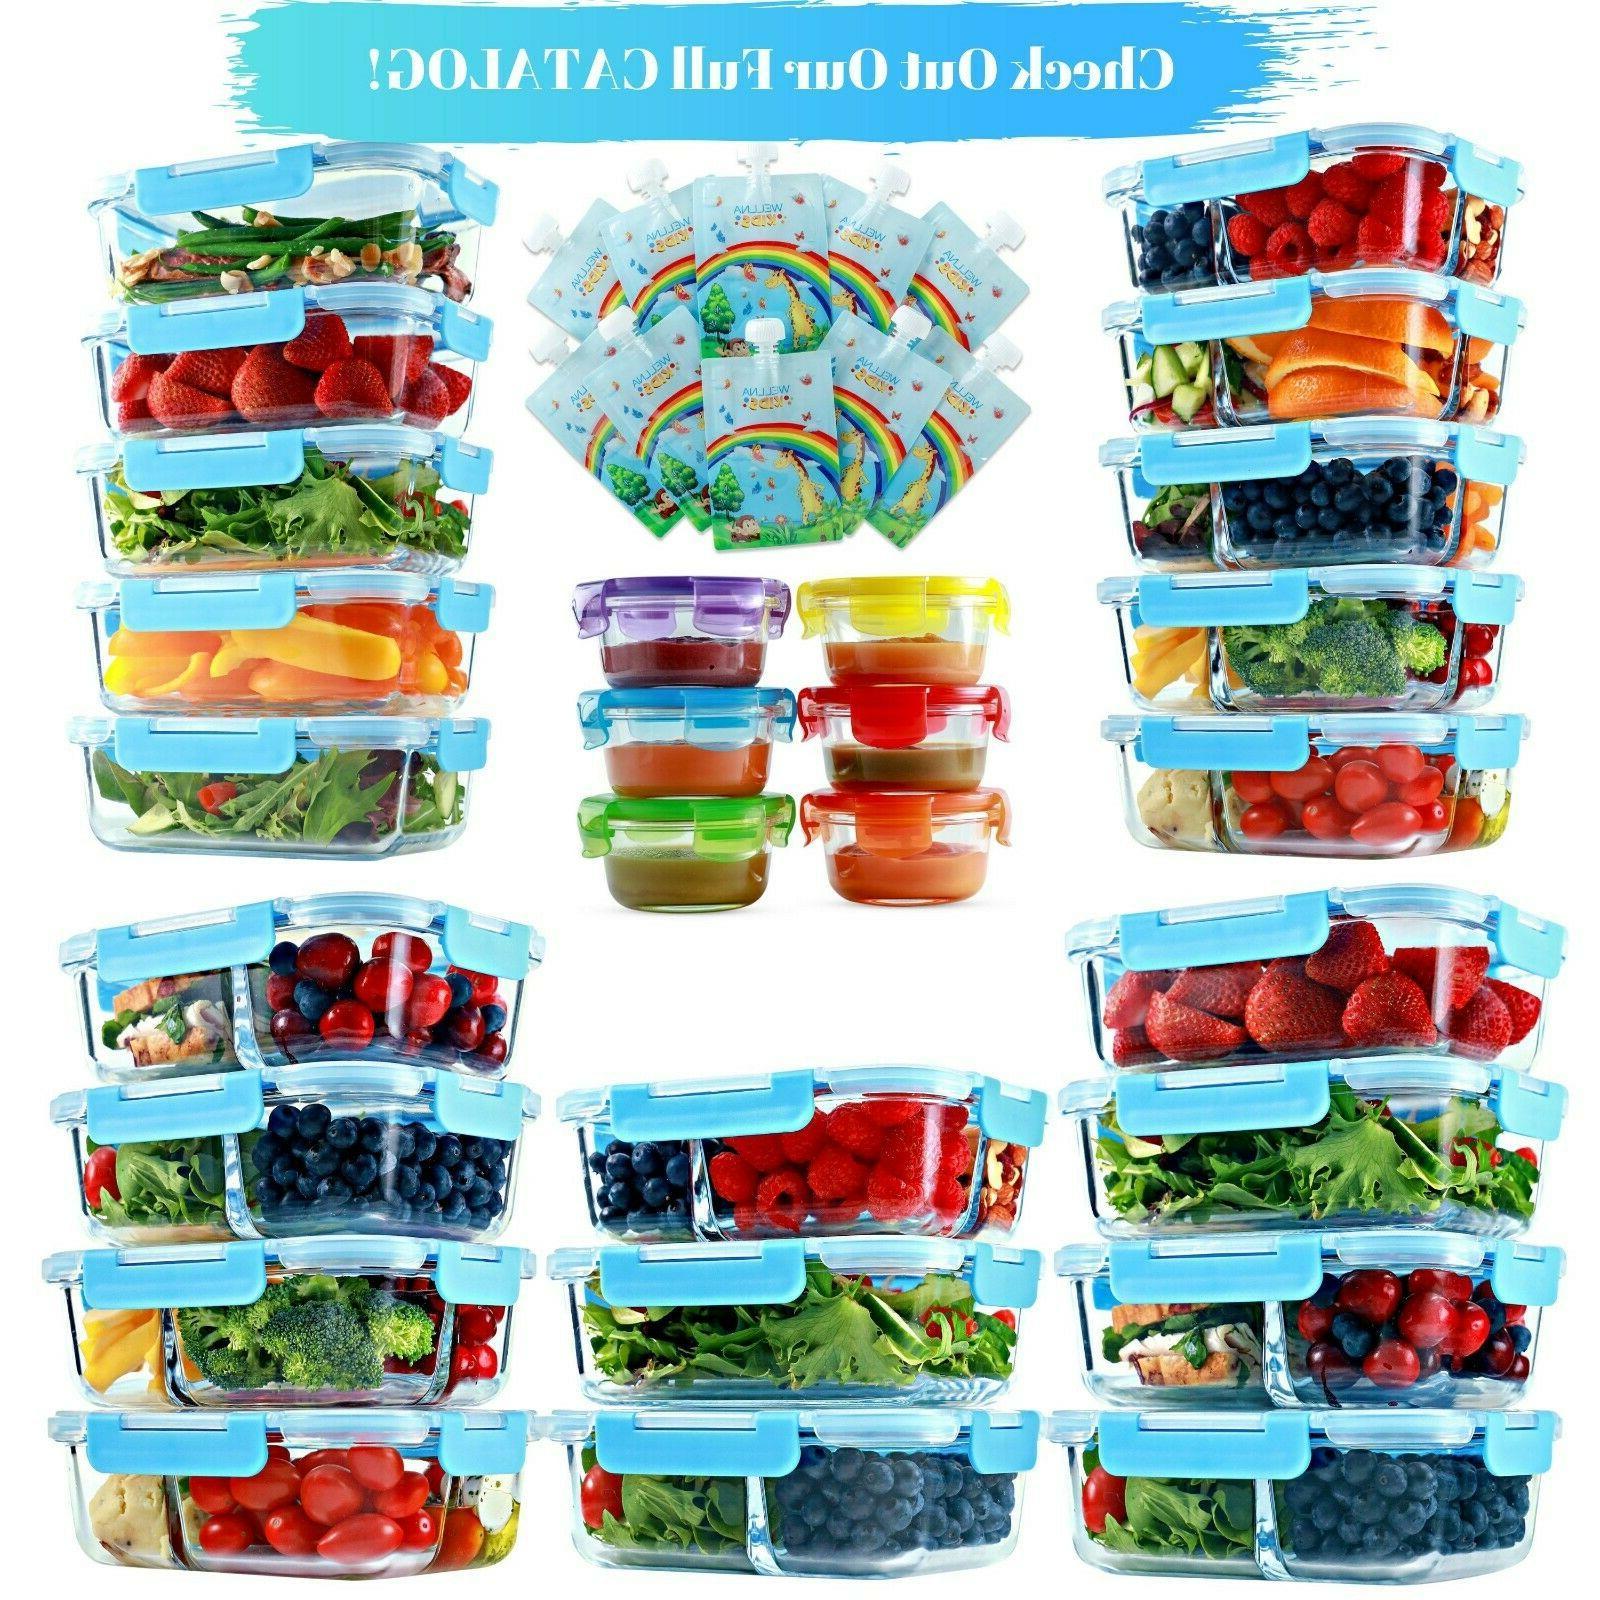 1 & Glass Meal Storage